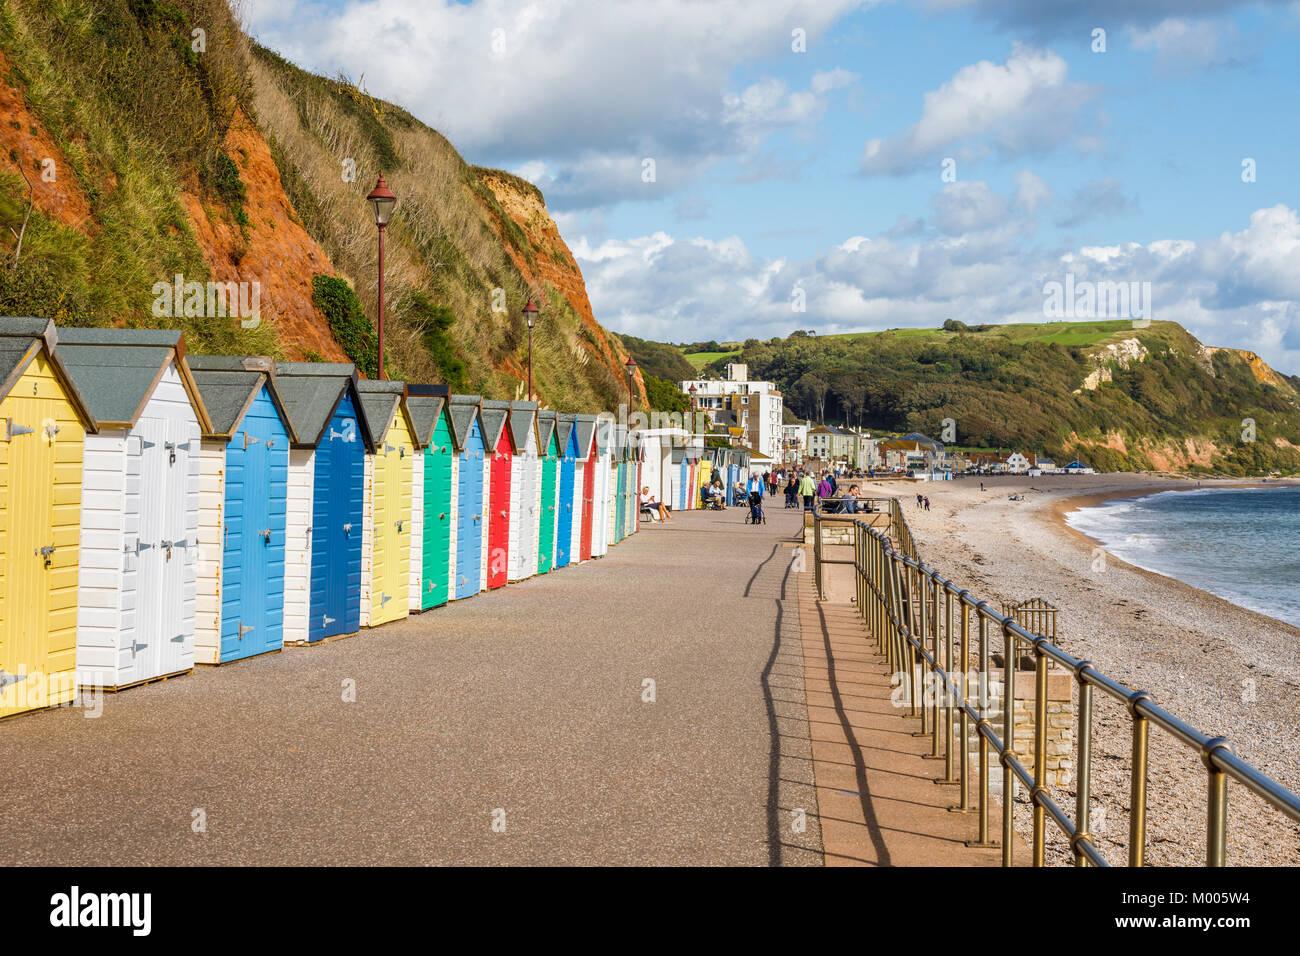 Promenade Park Beach Huts